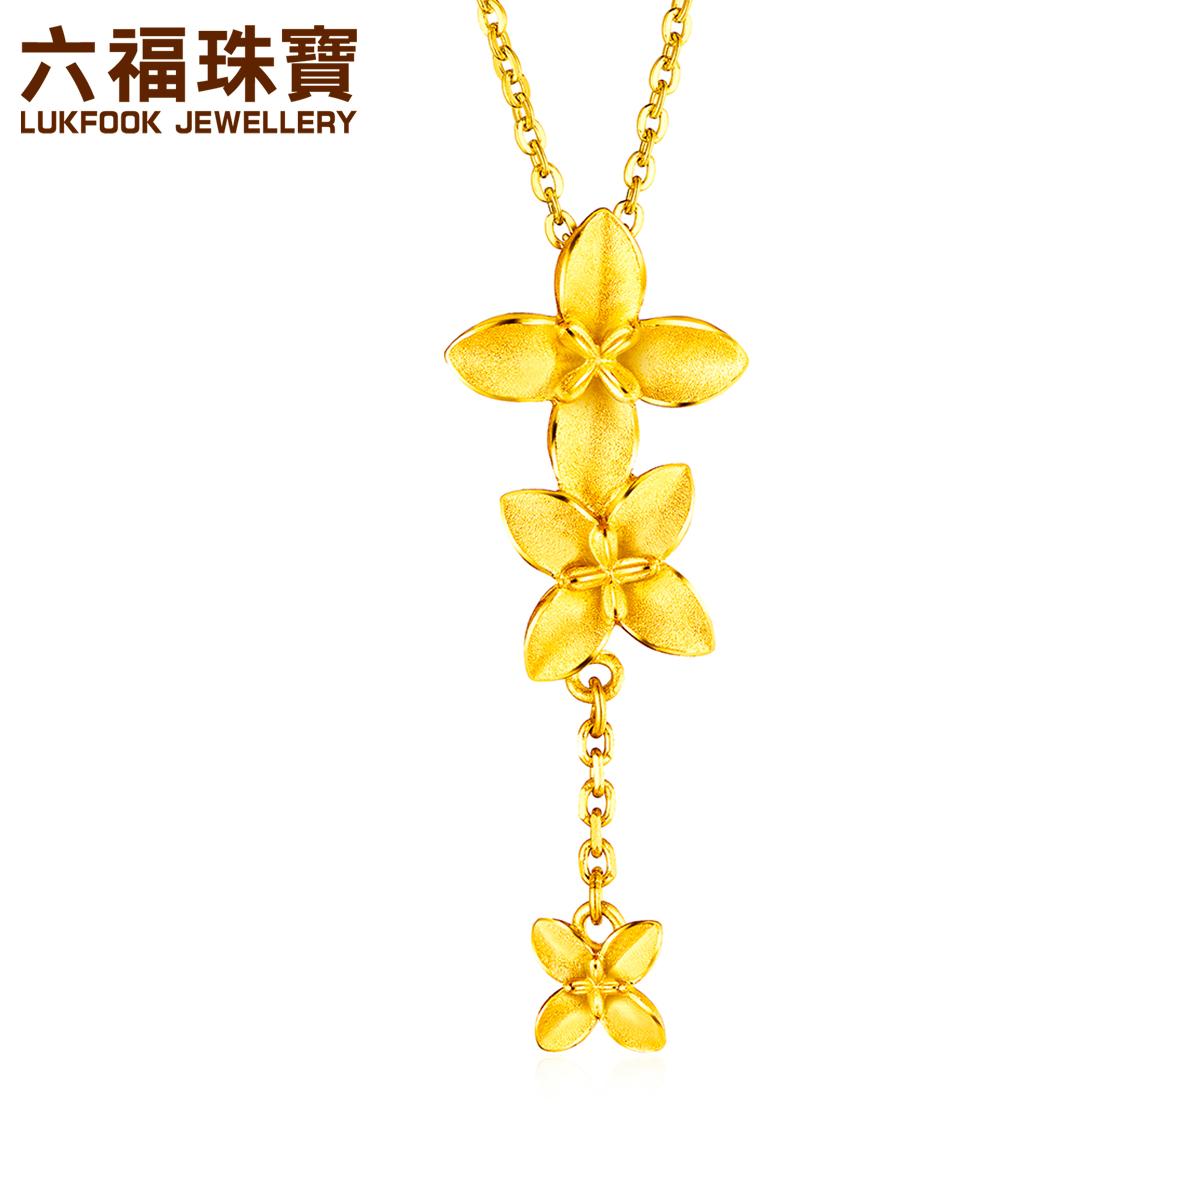 六福珠宝黄金吊坠女优雅丁香花足金项链吊坠不含链计价GMGTBP0068